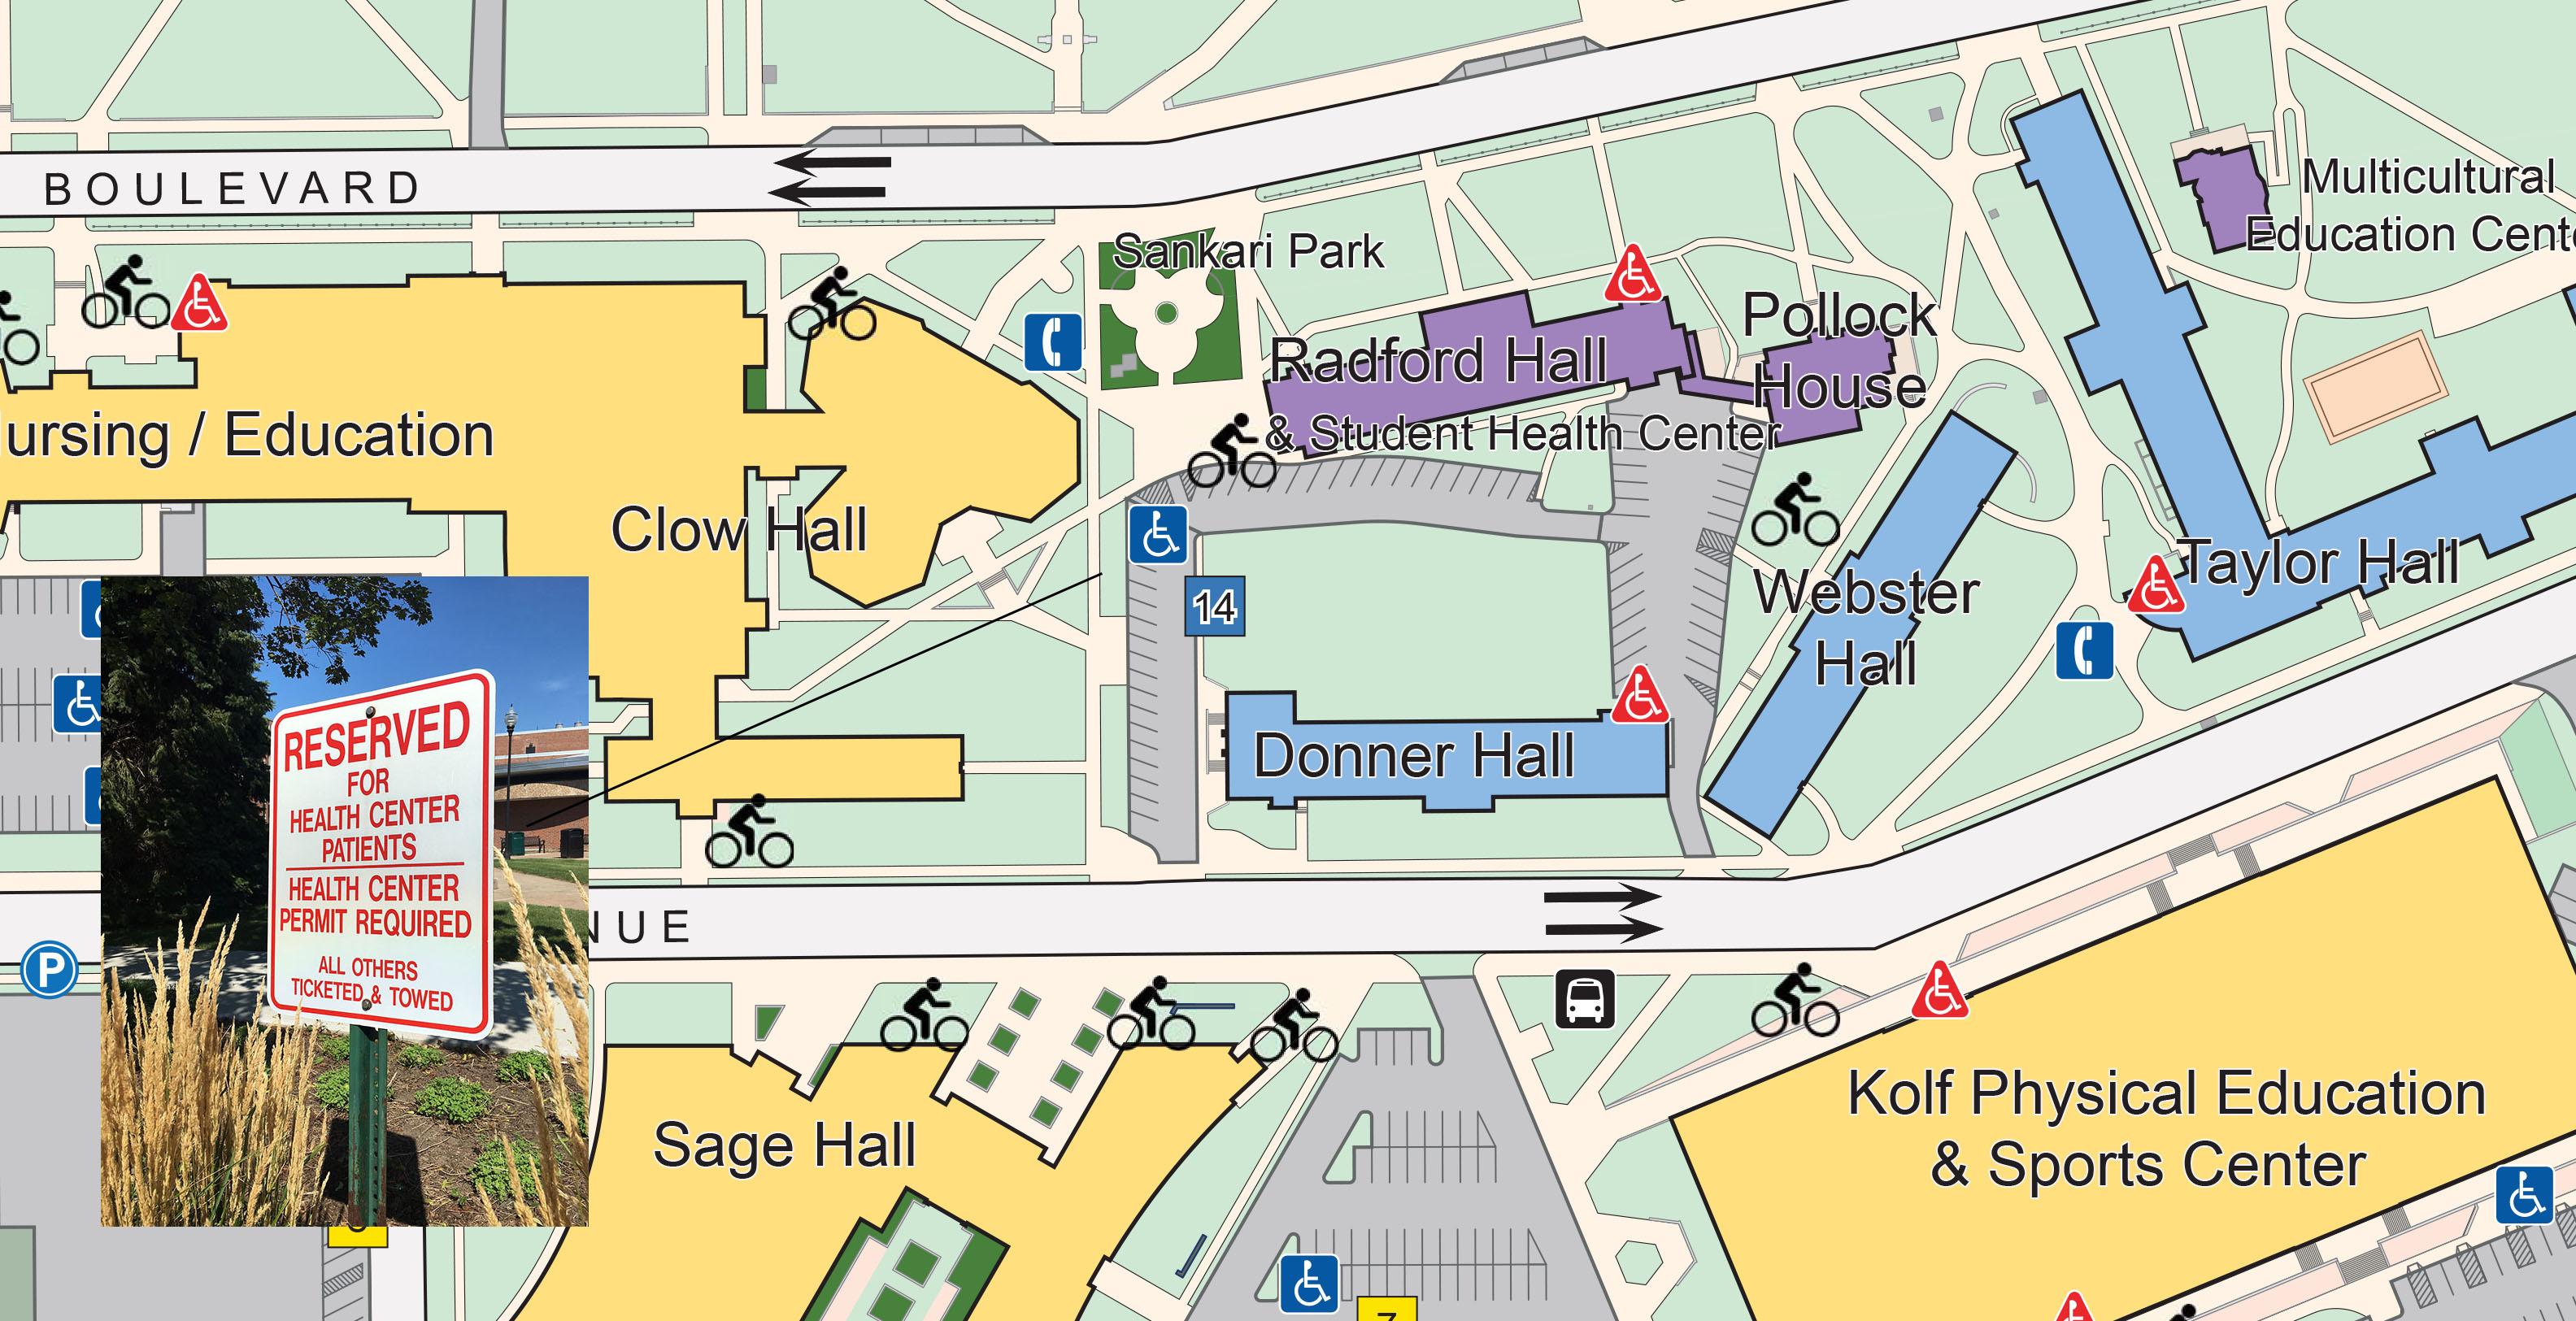 map of uwo campus 2016 17 Campus Map Ai Student Health University Of Wisconsin Oshkosh map of uwo campus